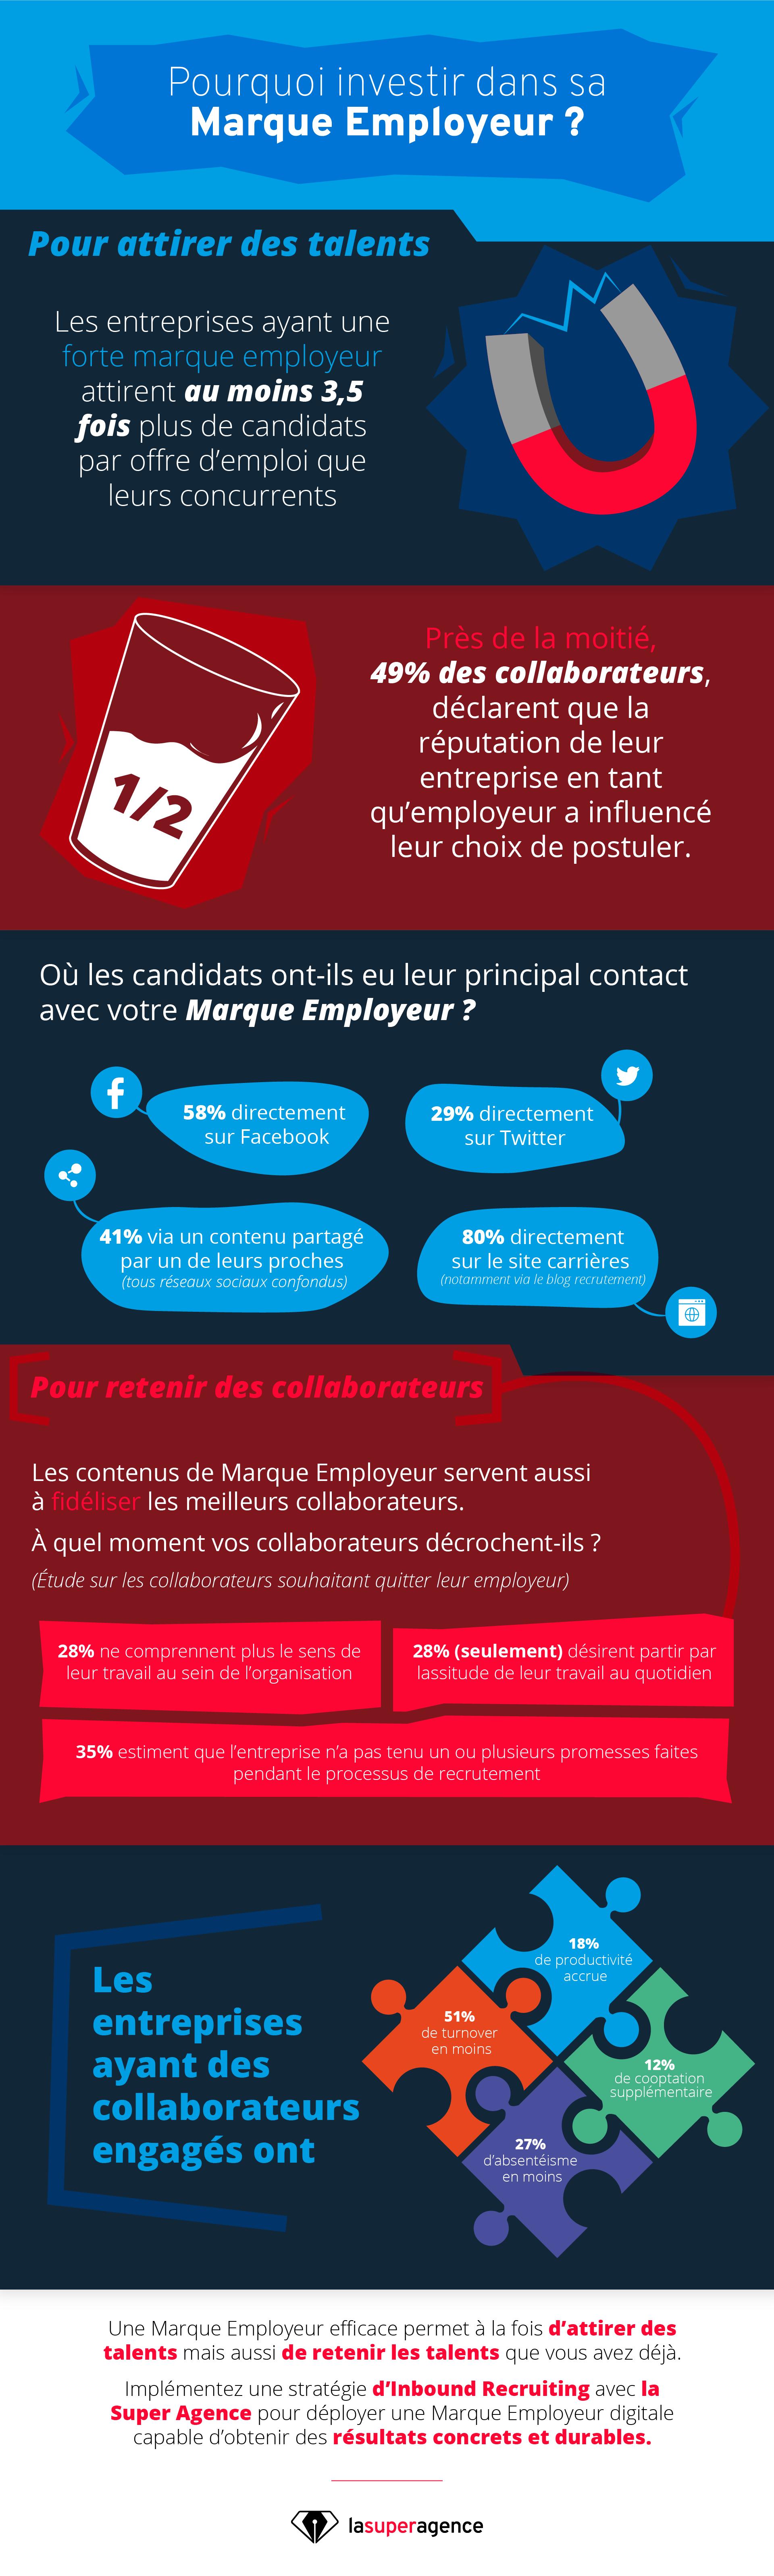 [Infographie] Pourquoi investir dans sa marque employeur